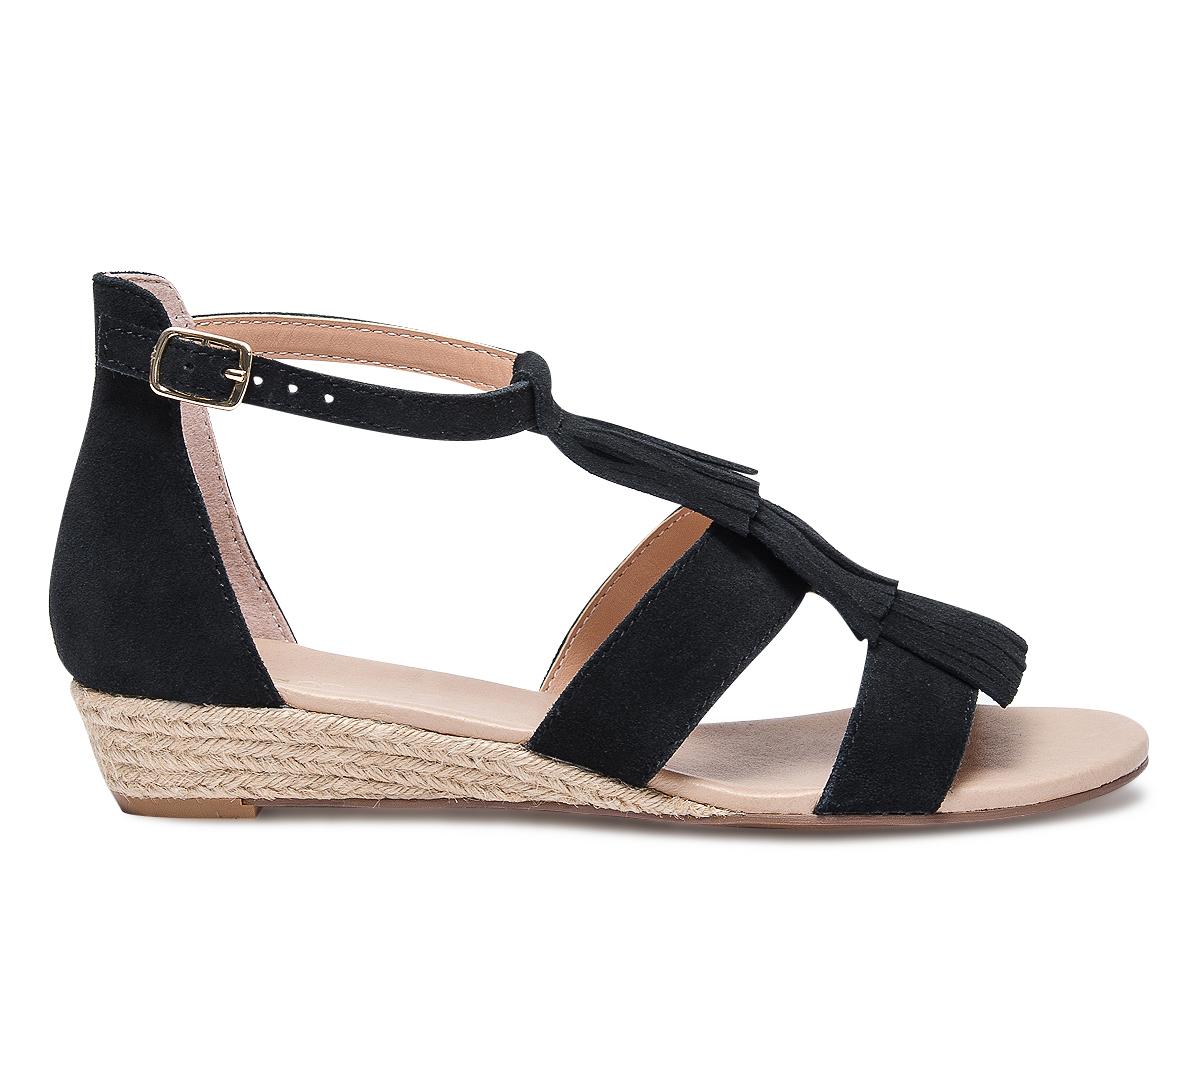 Noire Compensée Sandale Eram Franges À fb67gvYy